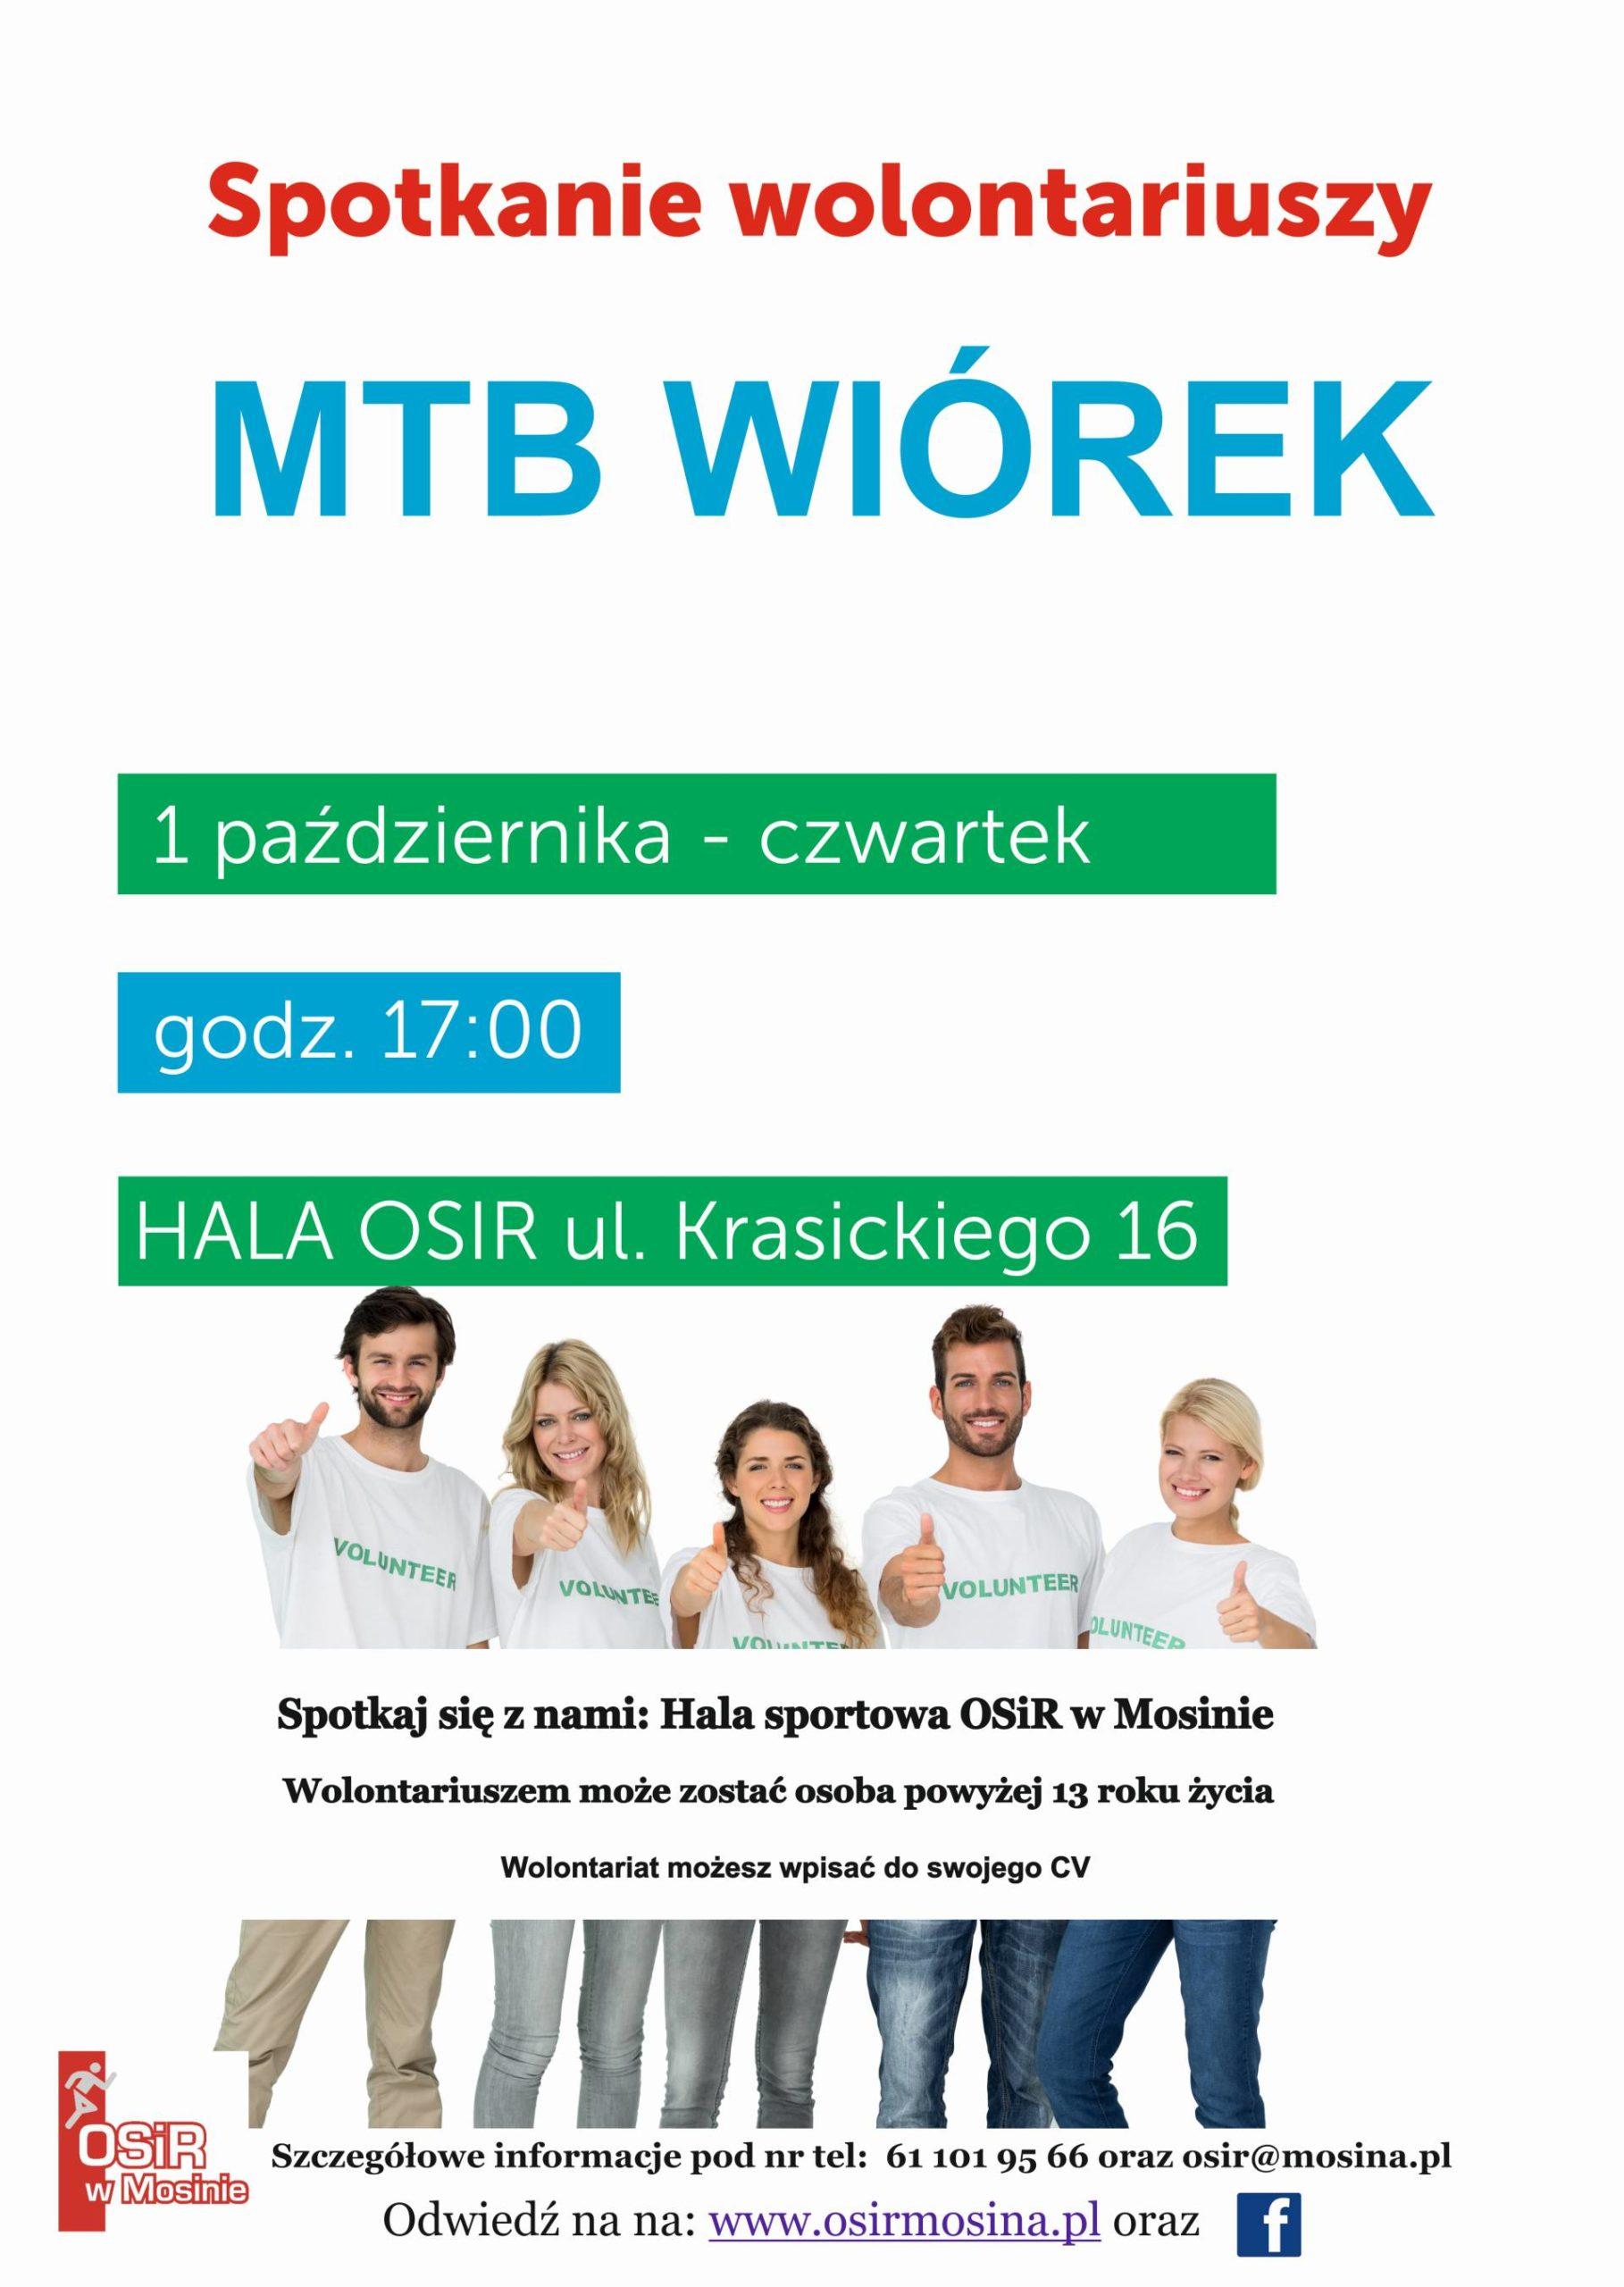 Spotkanie wolontariuszy na MTB Wiórek 01,10,2020